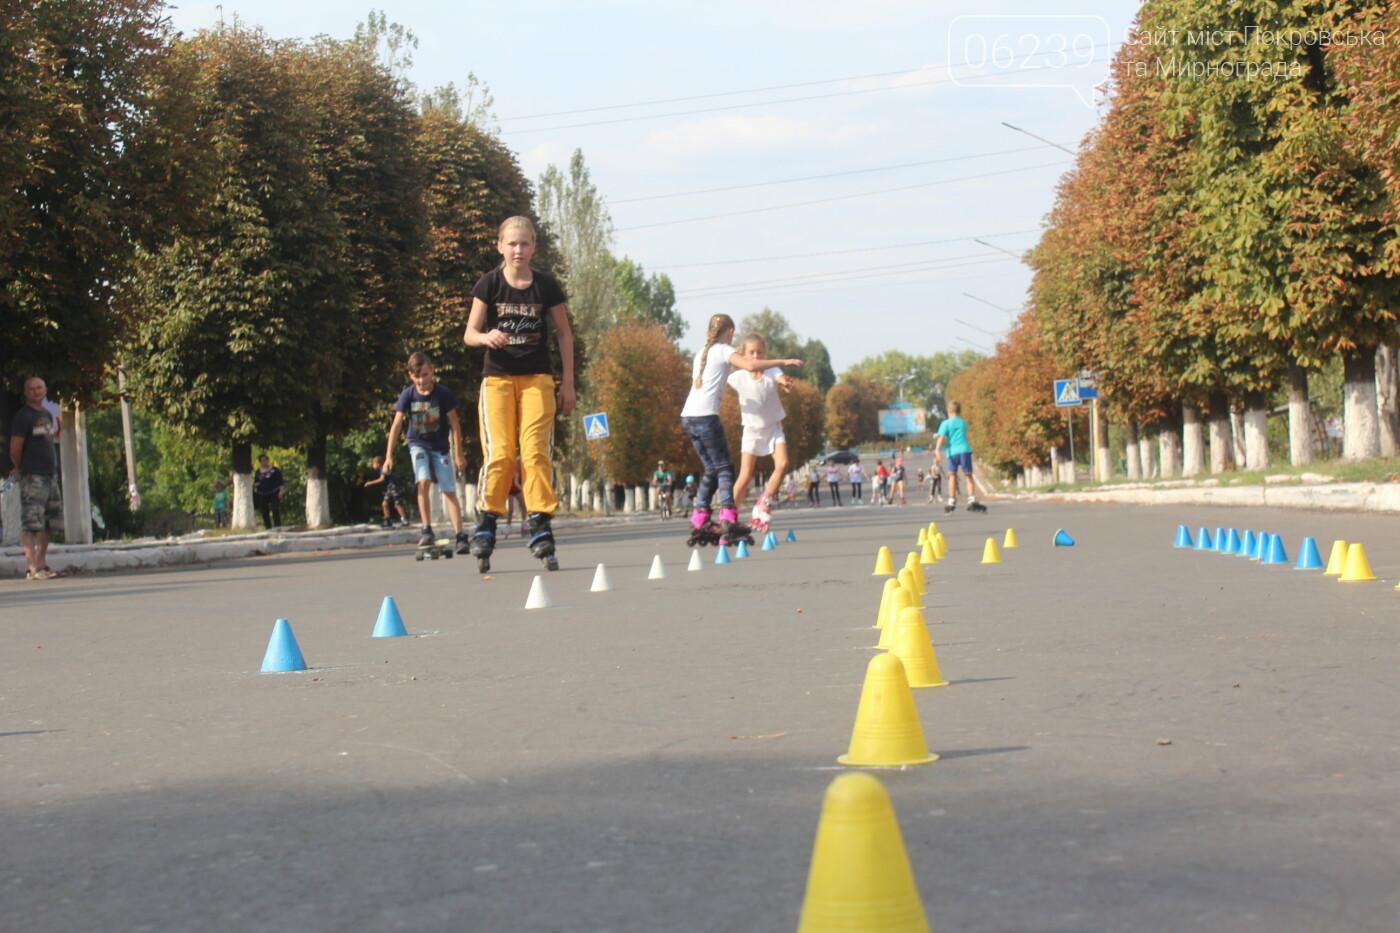 «Ролерфест» и соревнования: в Мирнограде отметили День физкультуры и спорта , фото-9